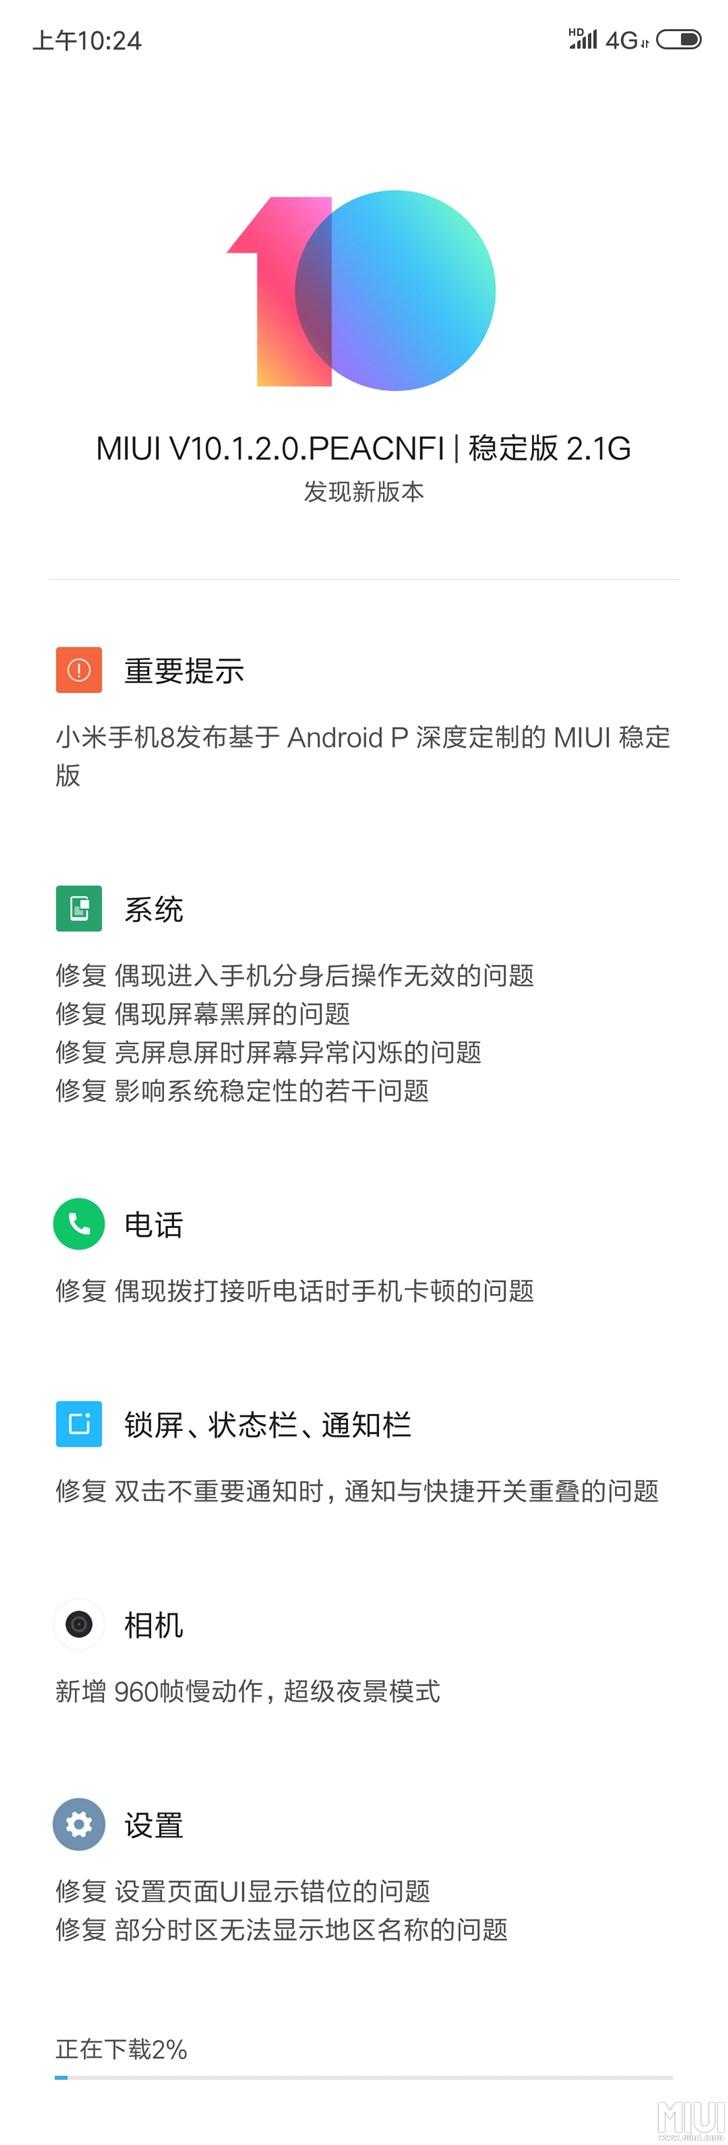 小米8专业版MIUI 10.1宣布消息推送,看一下都升级了什么內容?